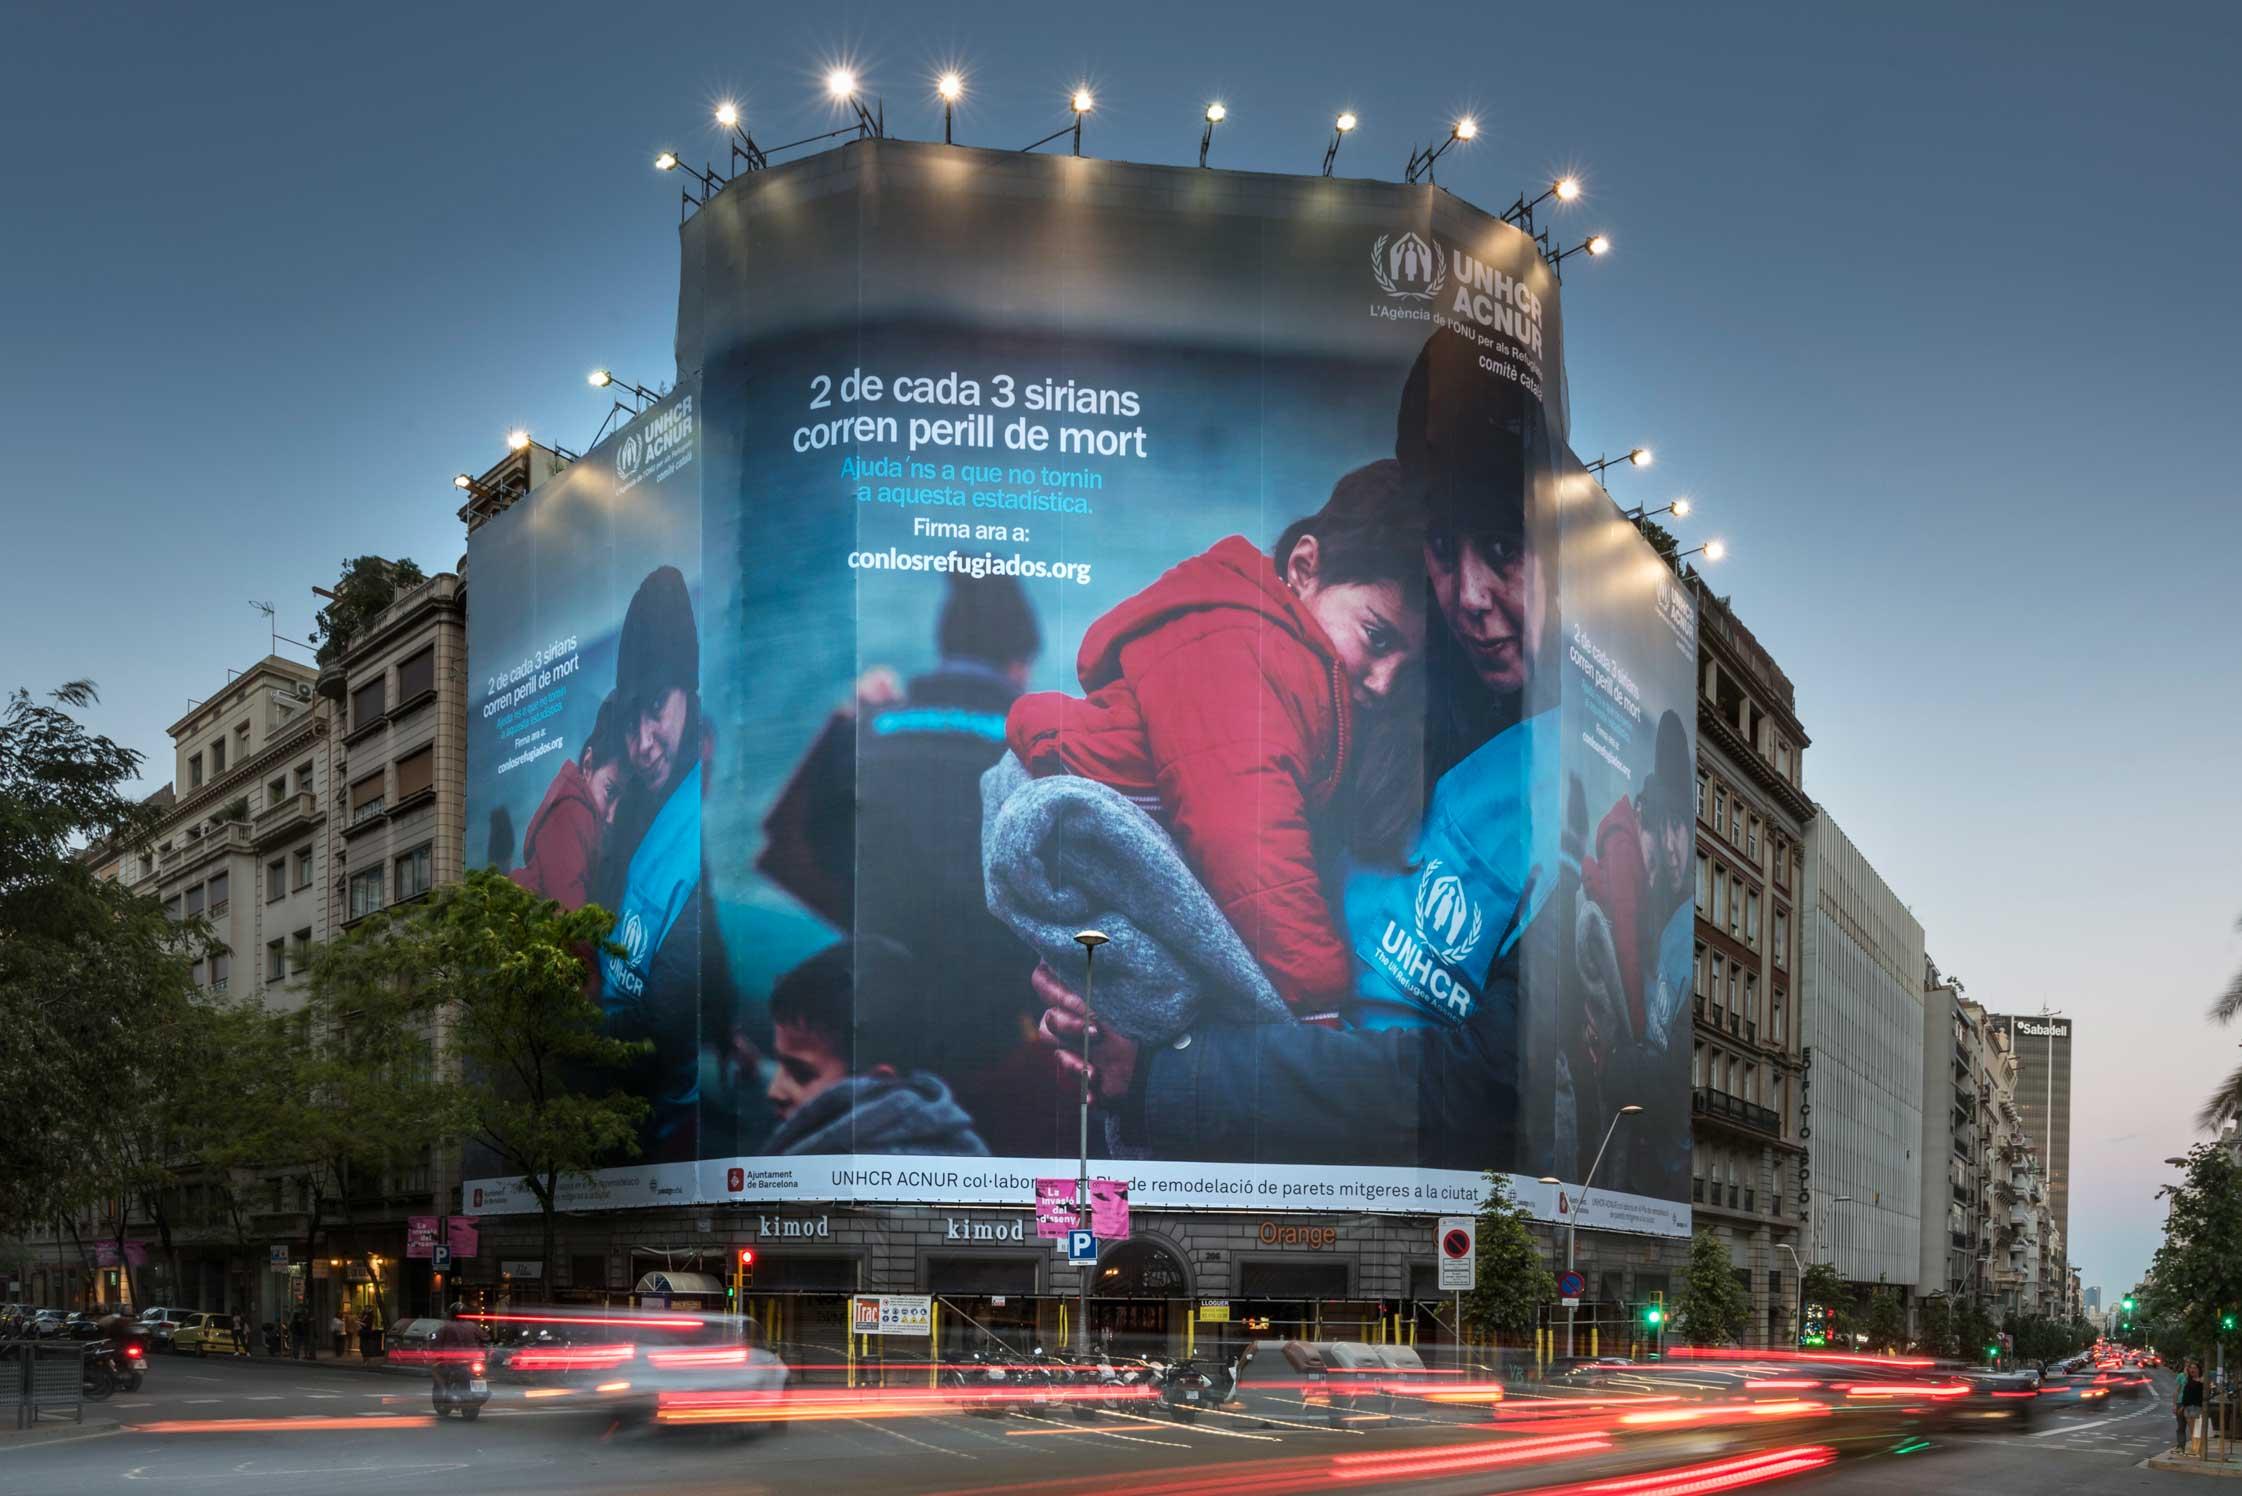 lona-publicitaria-barcelona-balmes-206-acnur-vsa-comunicacion